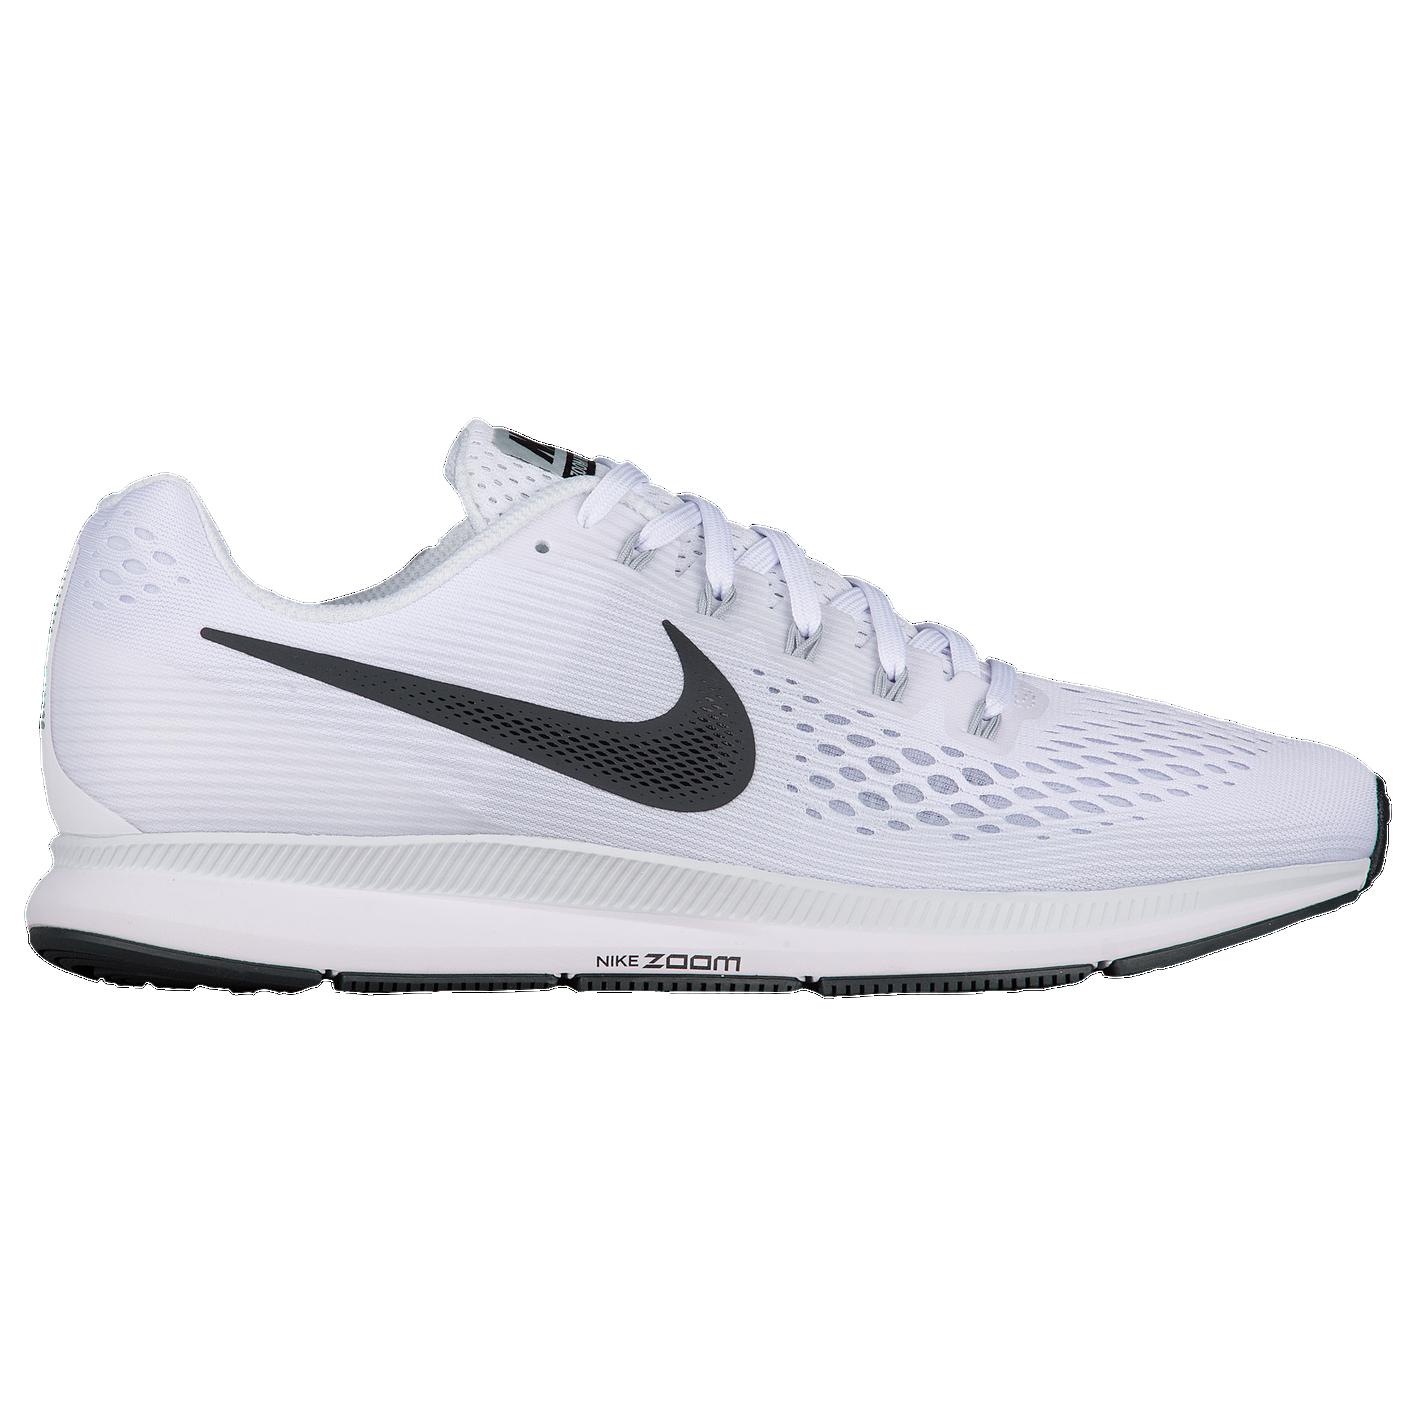 ba4834f01 Nike Air Zoom Pegasus 34 - Men s - Running - Shoes - White ...